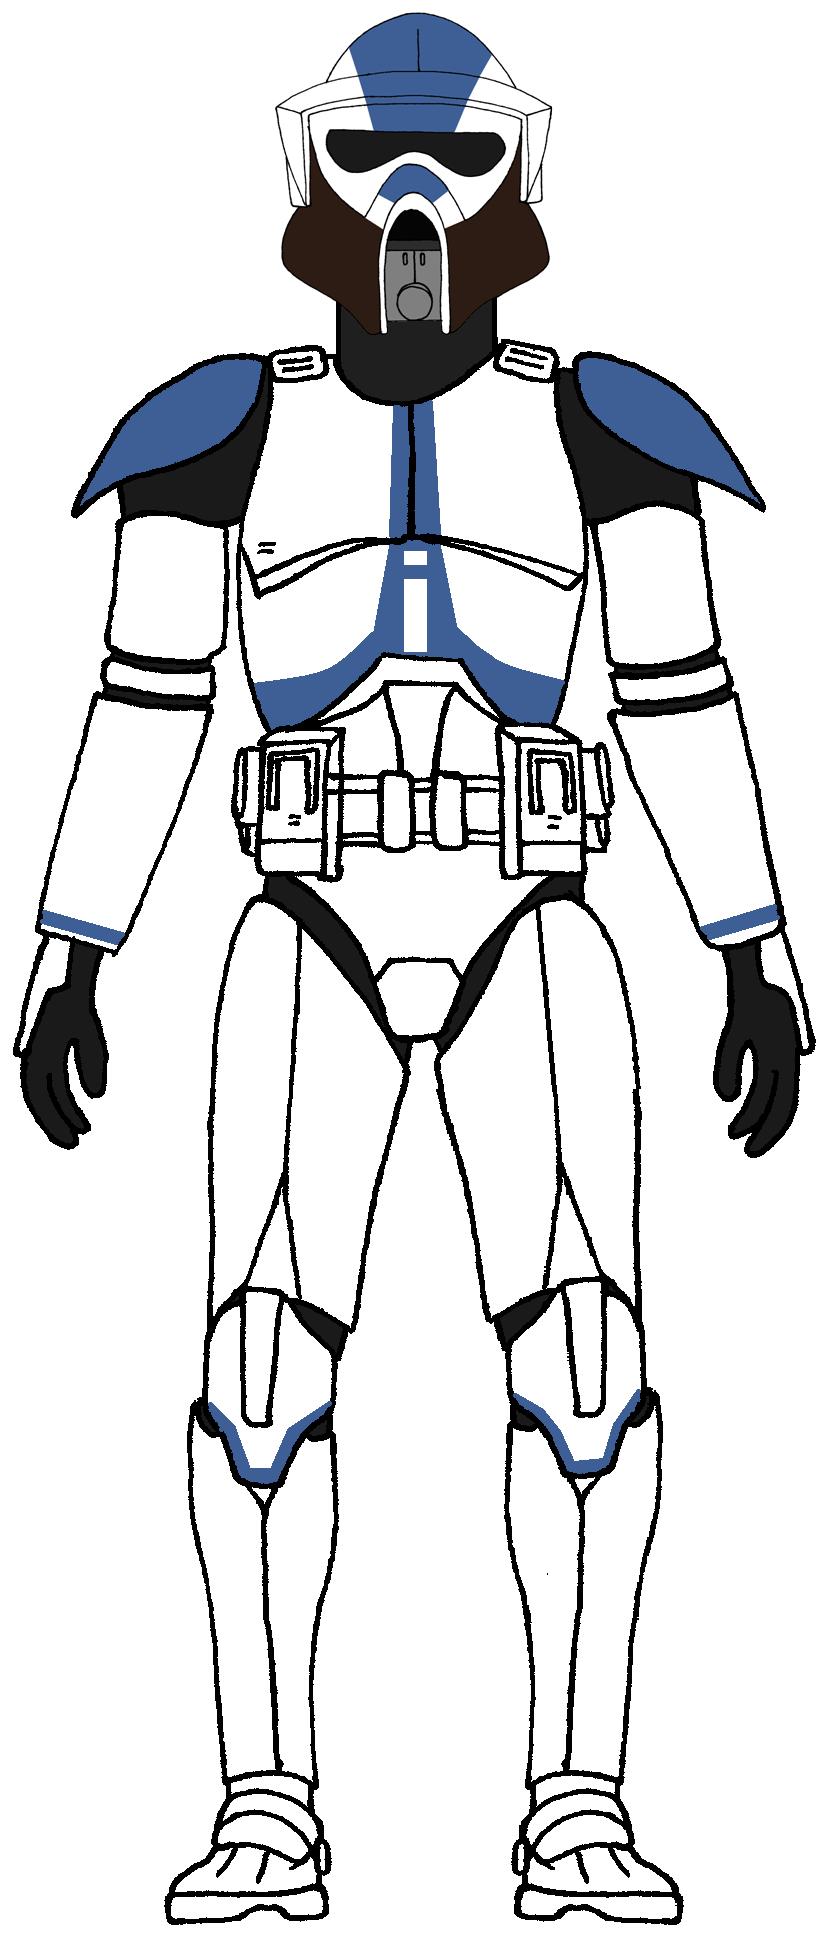 Clone Trooper 501st Legion Arf Trooper 2 Star Wars Clone Wars Star Wars Pictures Star Wars Trooper